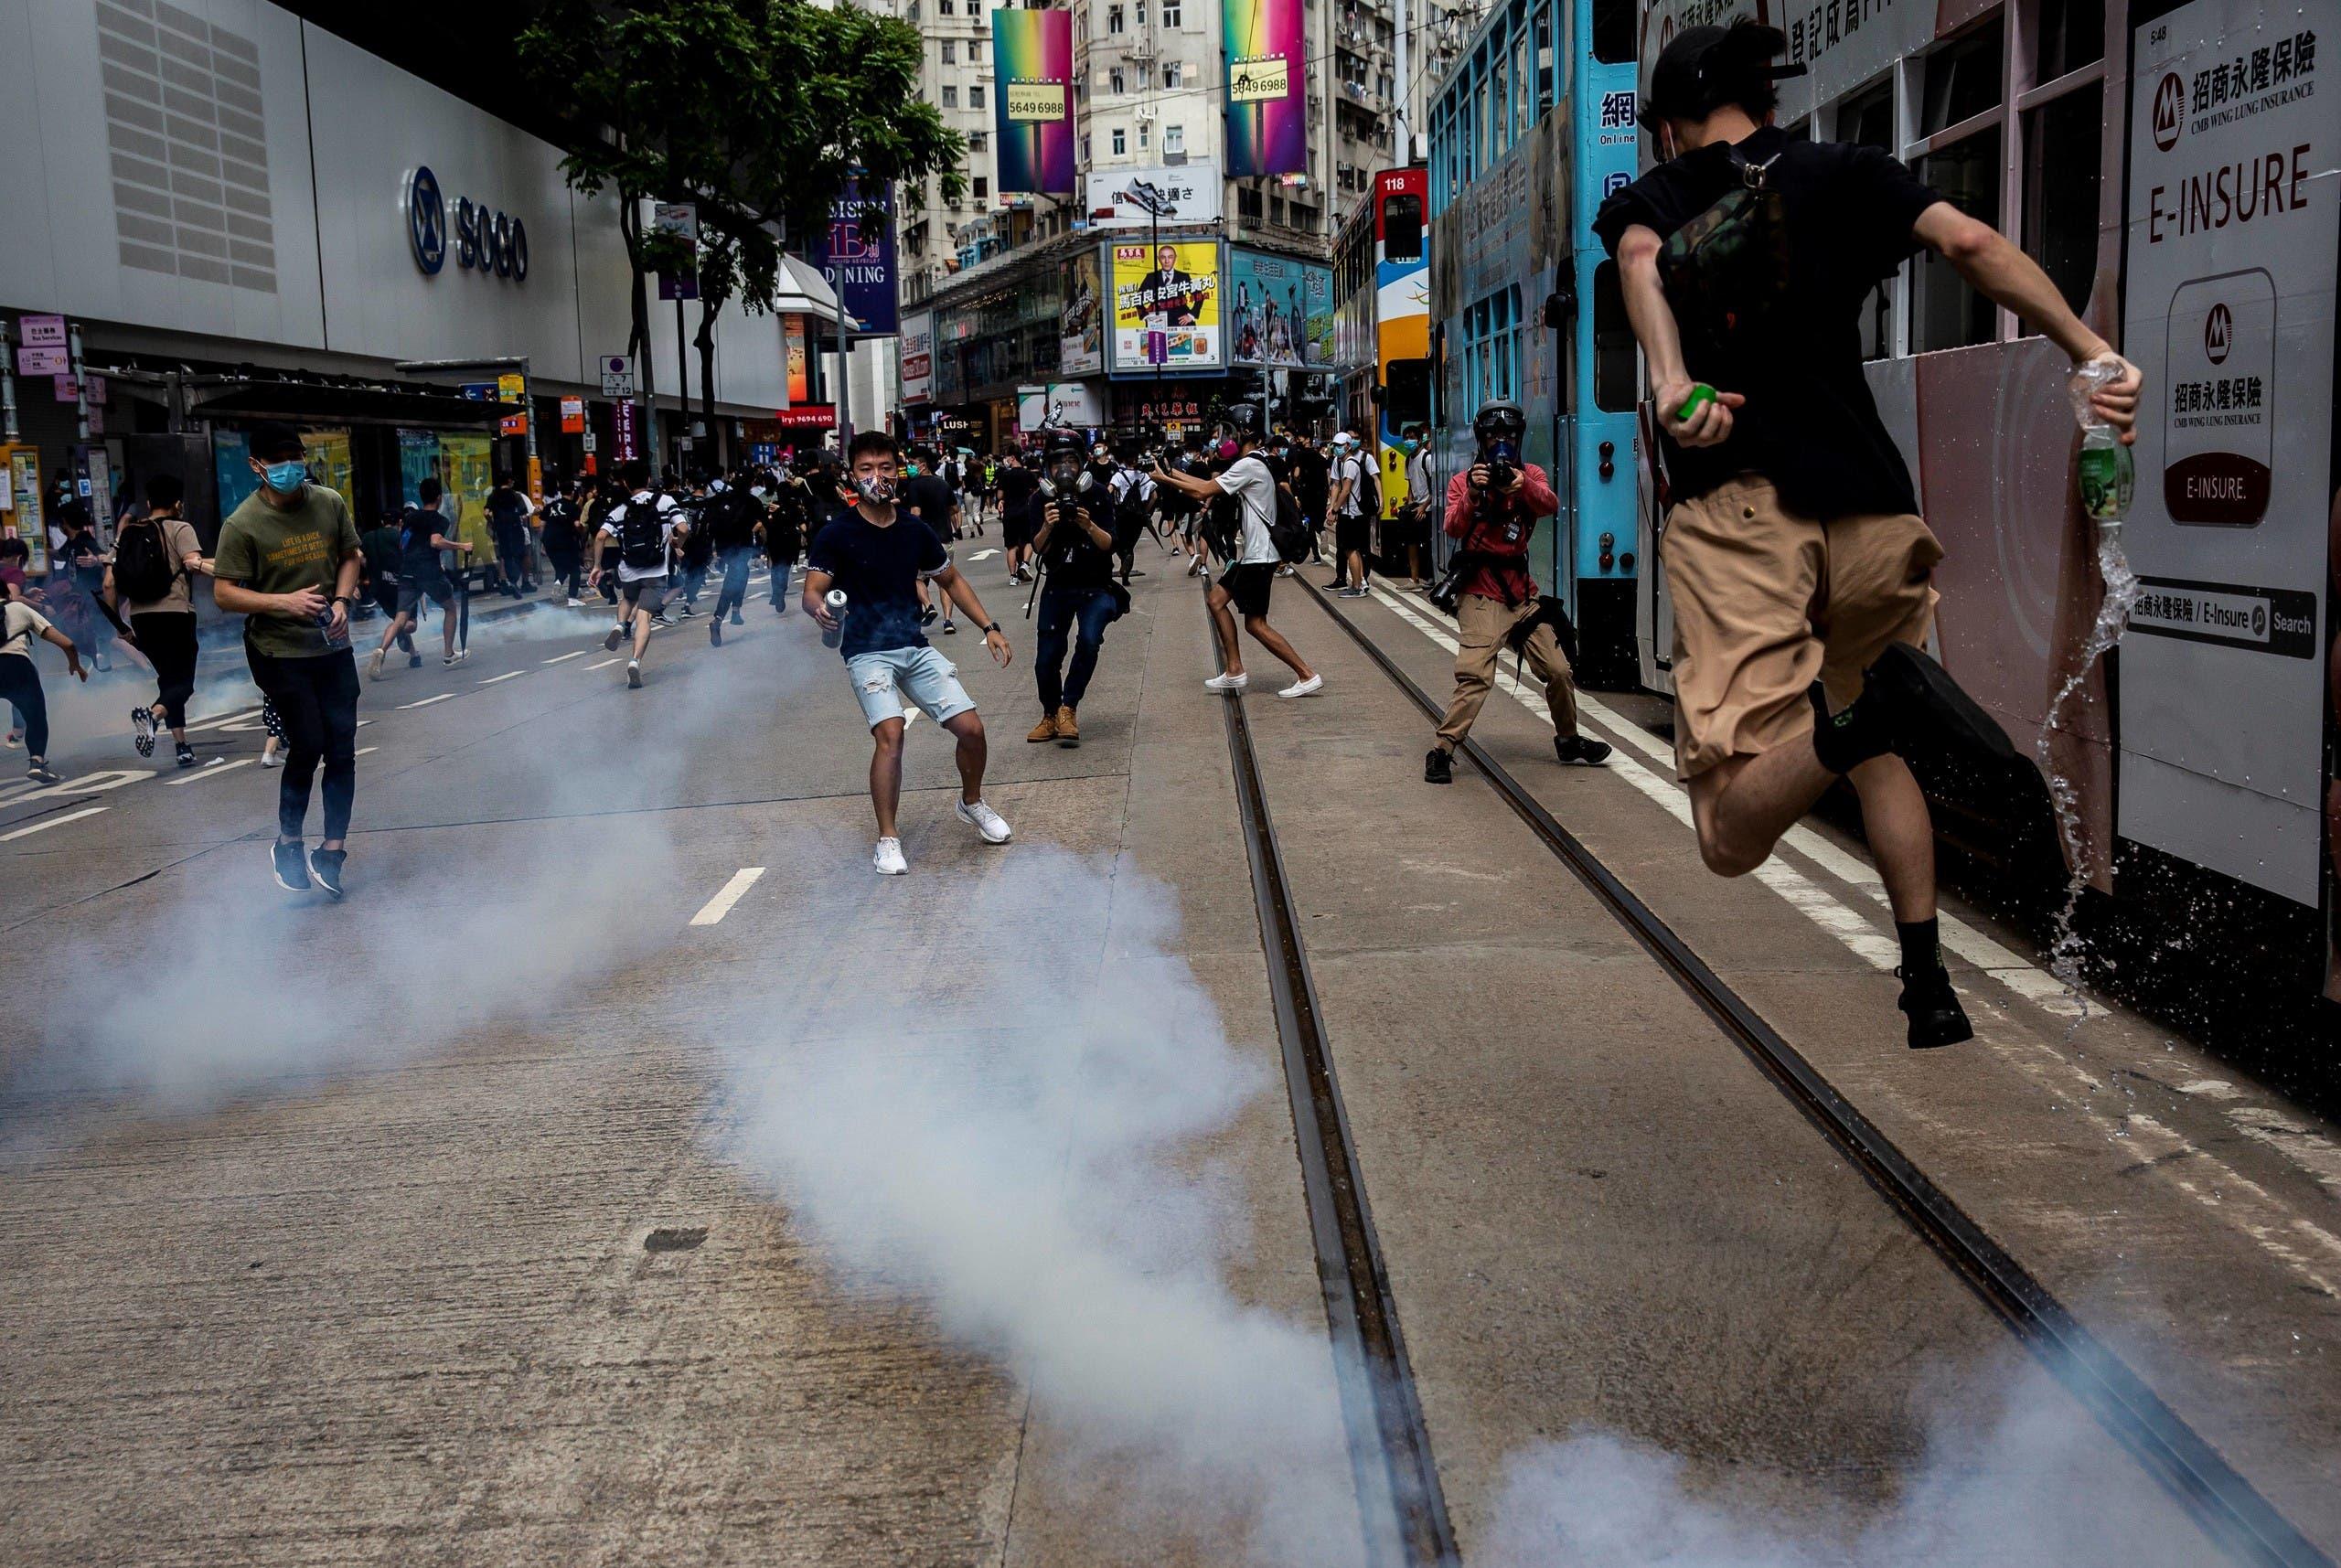 تظاهرات في هونغ كونغ احتجاجا على قانون بكين (أرشيفية- فرانس برس)